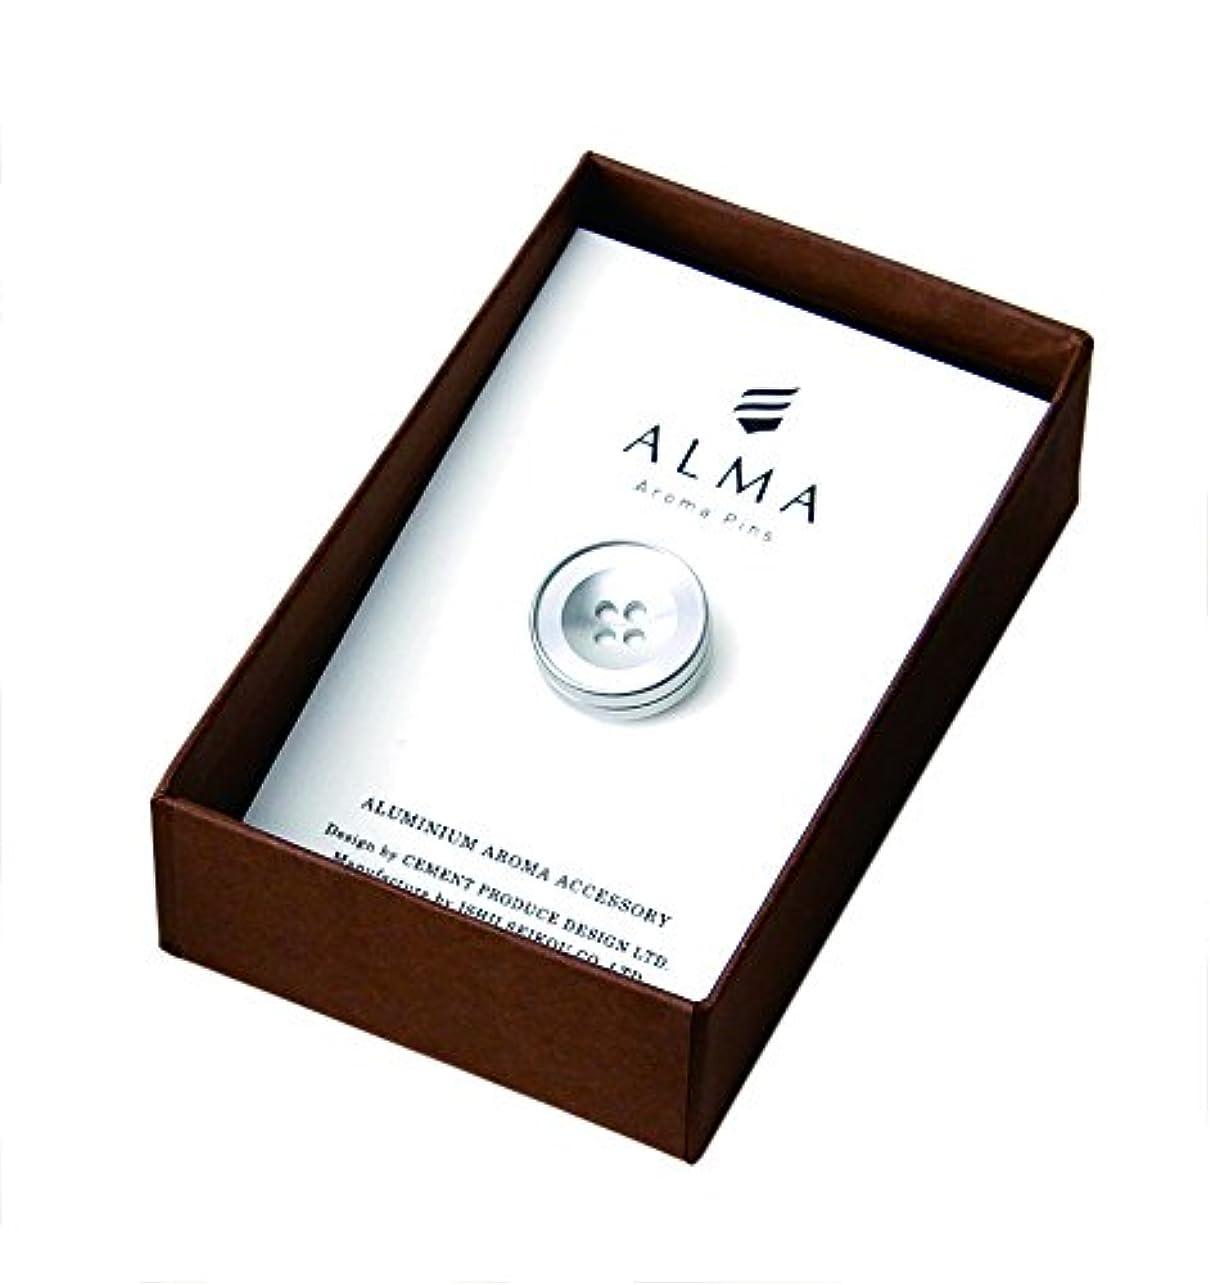 行為望まないアミューズメントセメントプロデュースデザイン ALMA Aroma Pins シルバー 1.7×1.9×1.7cm ピンバッジ AM-01sv